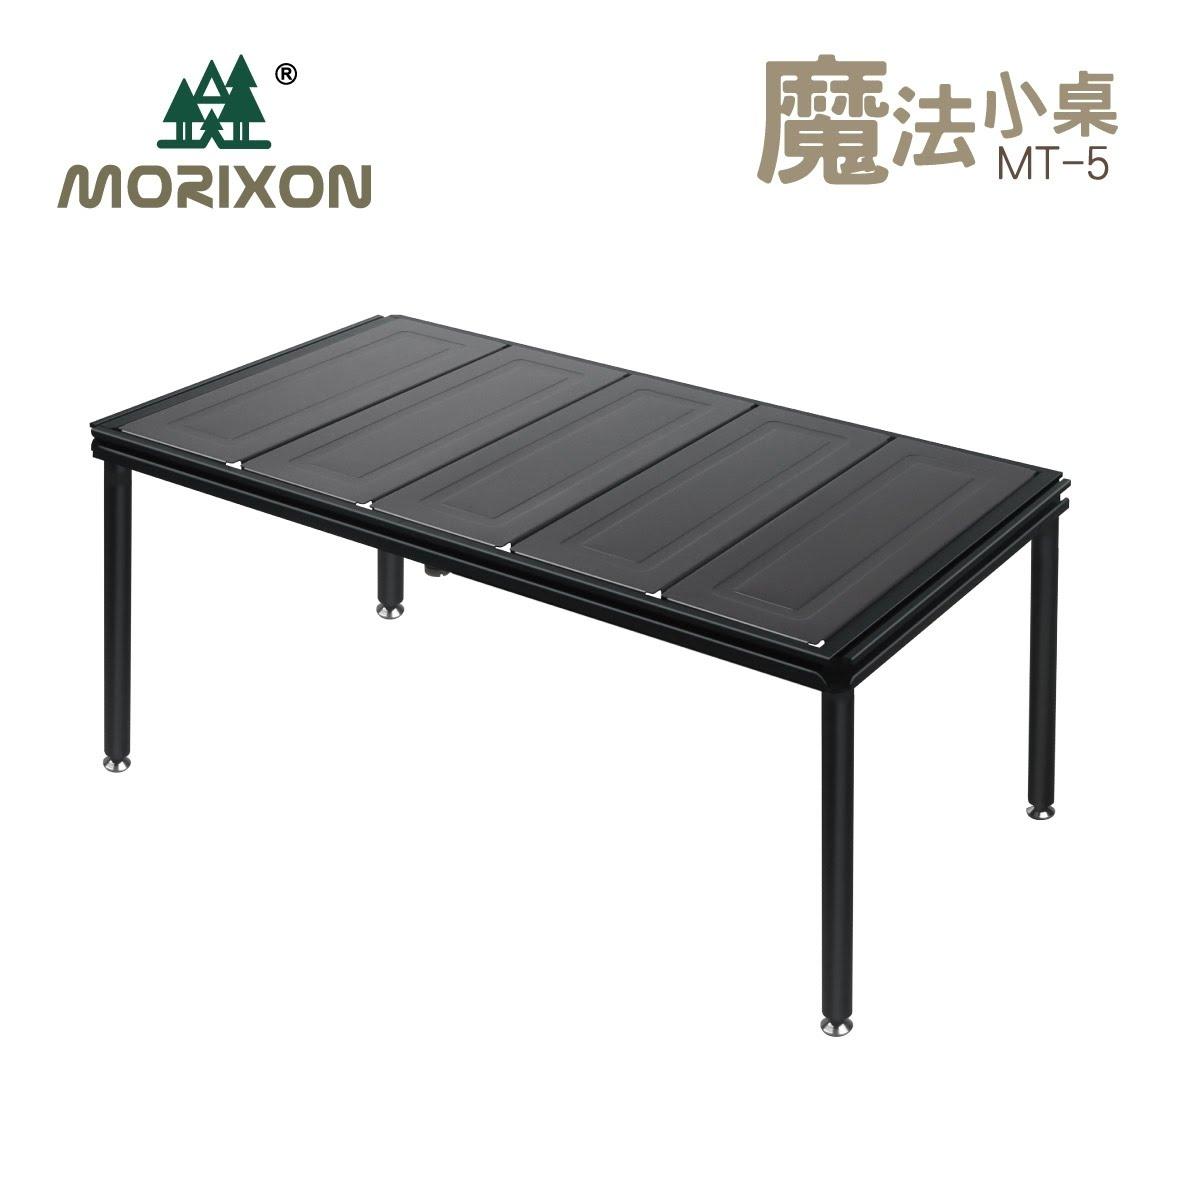 【露營好夥伴】Morixon-MT-5A 魔法小桌 鋁合金桌板 露營桌 摺疊桌 野餐桌 戶外桌 攜帶桌 迷你桌 防潑水